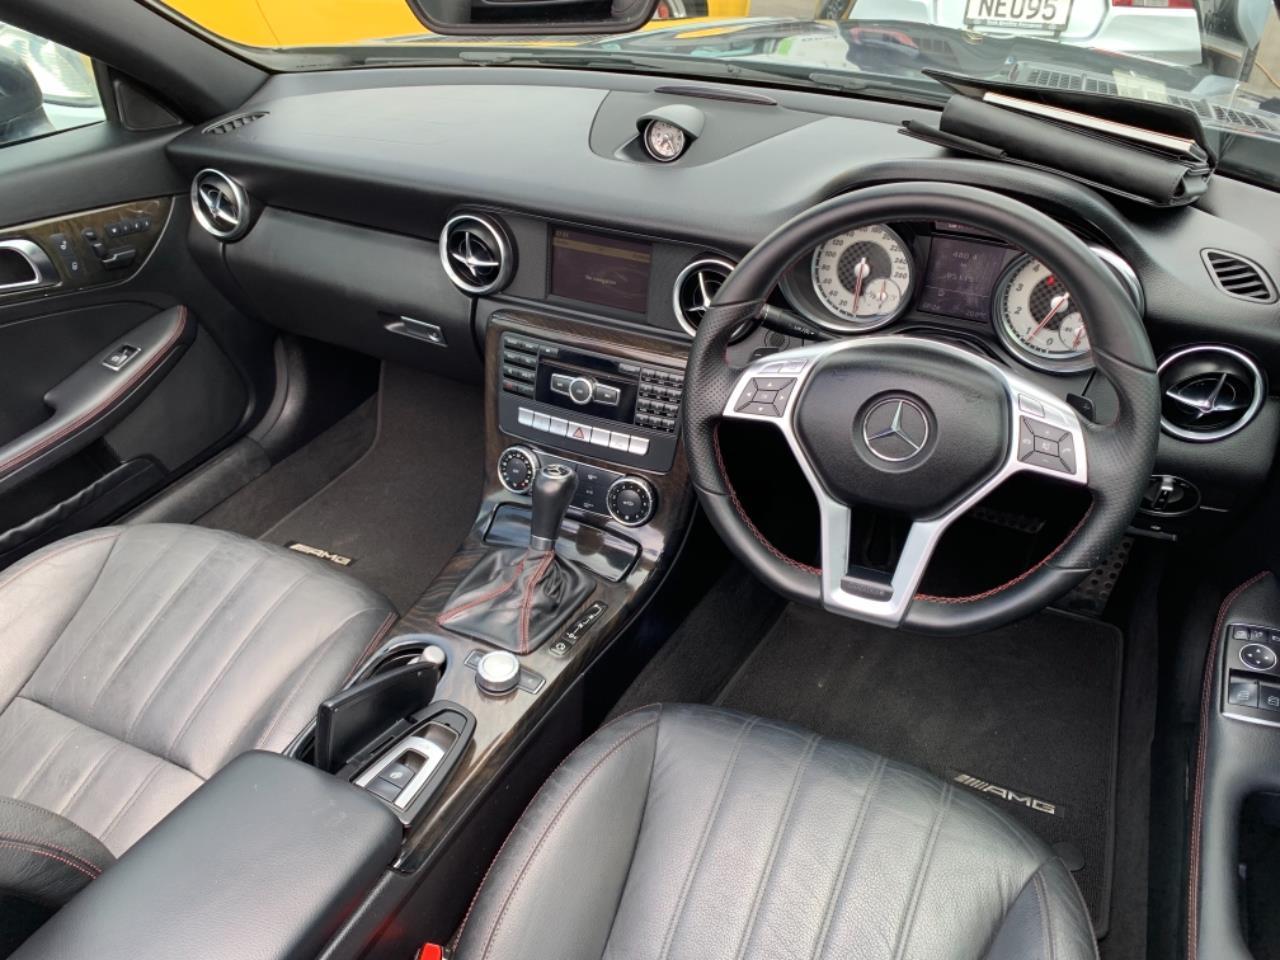 image-10, 2011 MercedesBenz SLK 350 3.5 Sport Leather at Christchurch